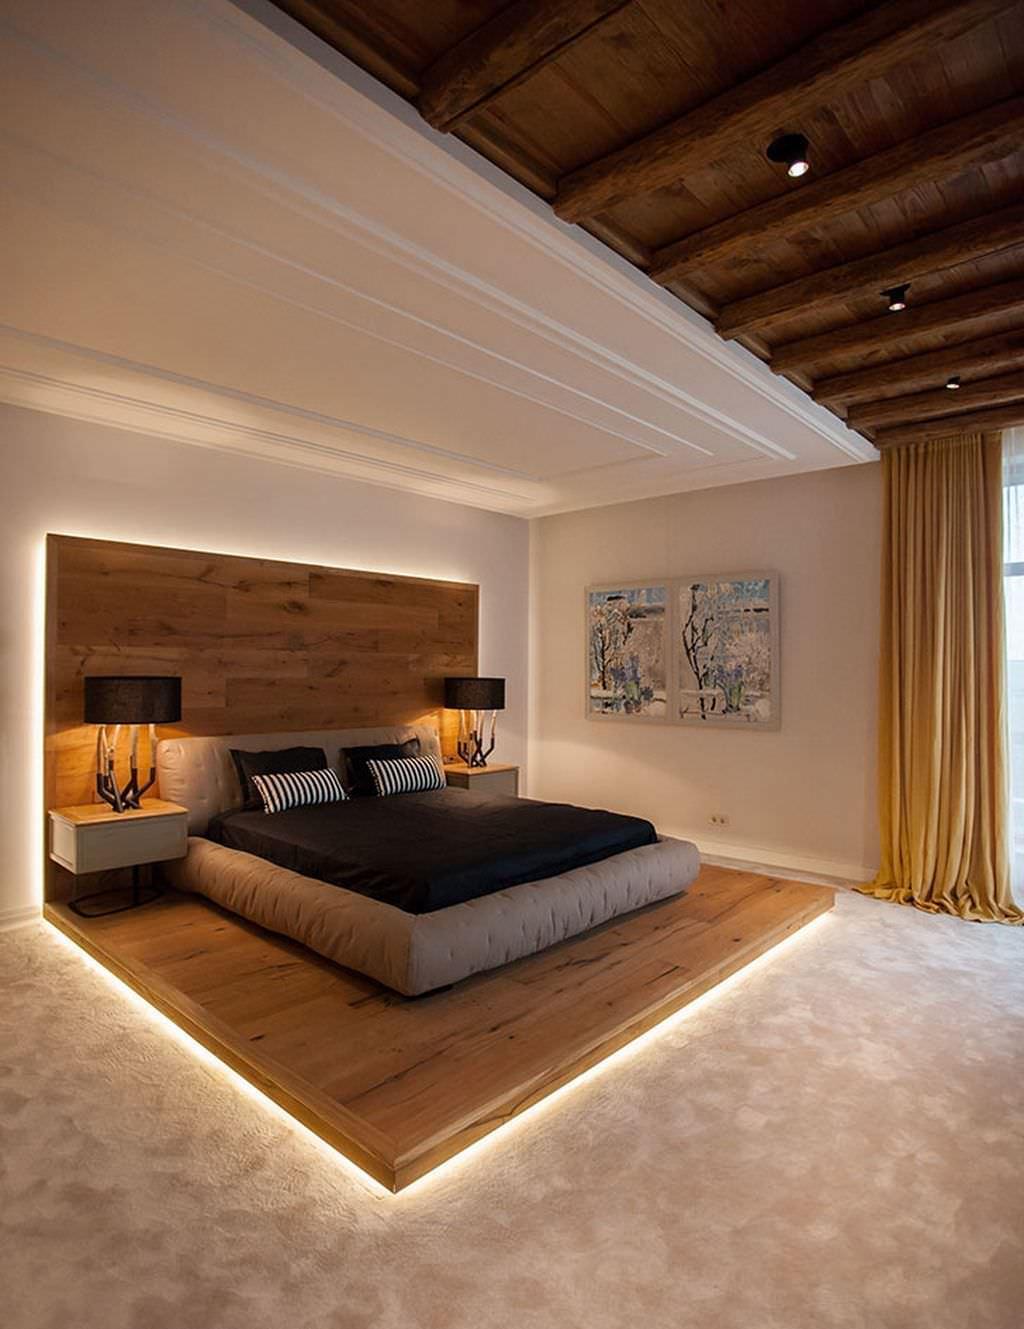 Design Arredamento Camera Da Letto.100 Idee Camere Da Letto Moderne Stile E Design Per Un Ambiente